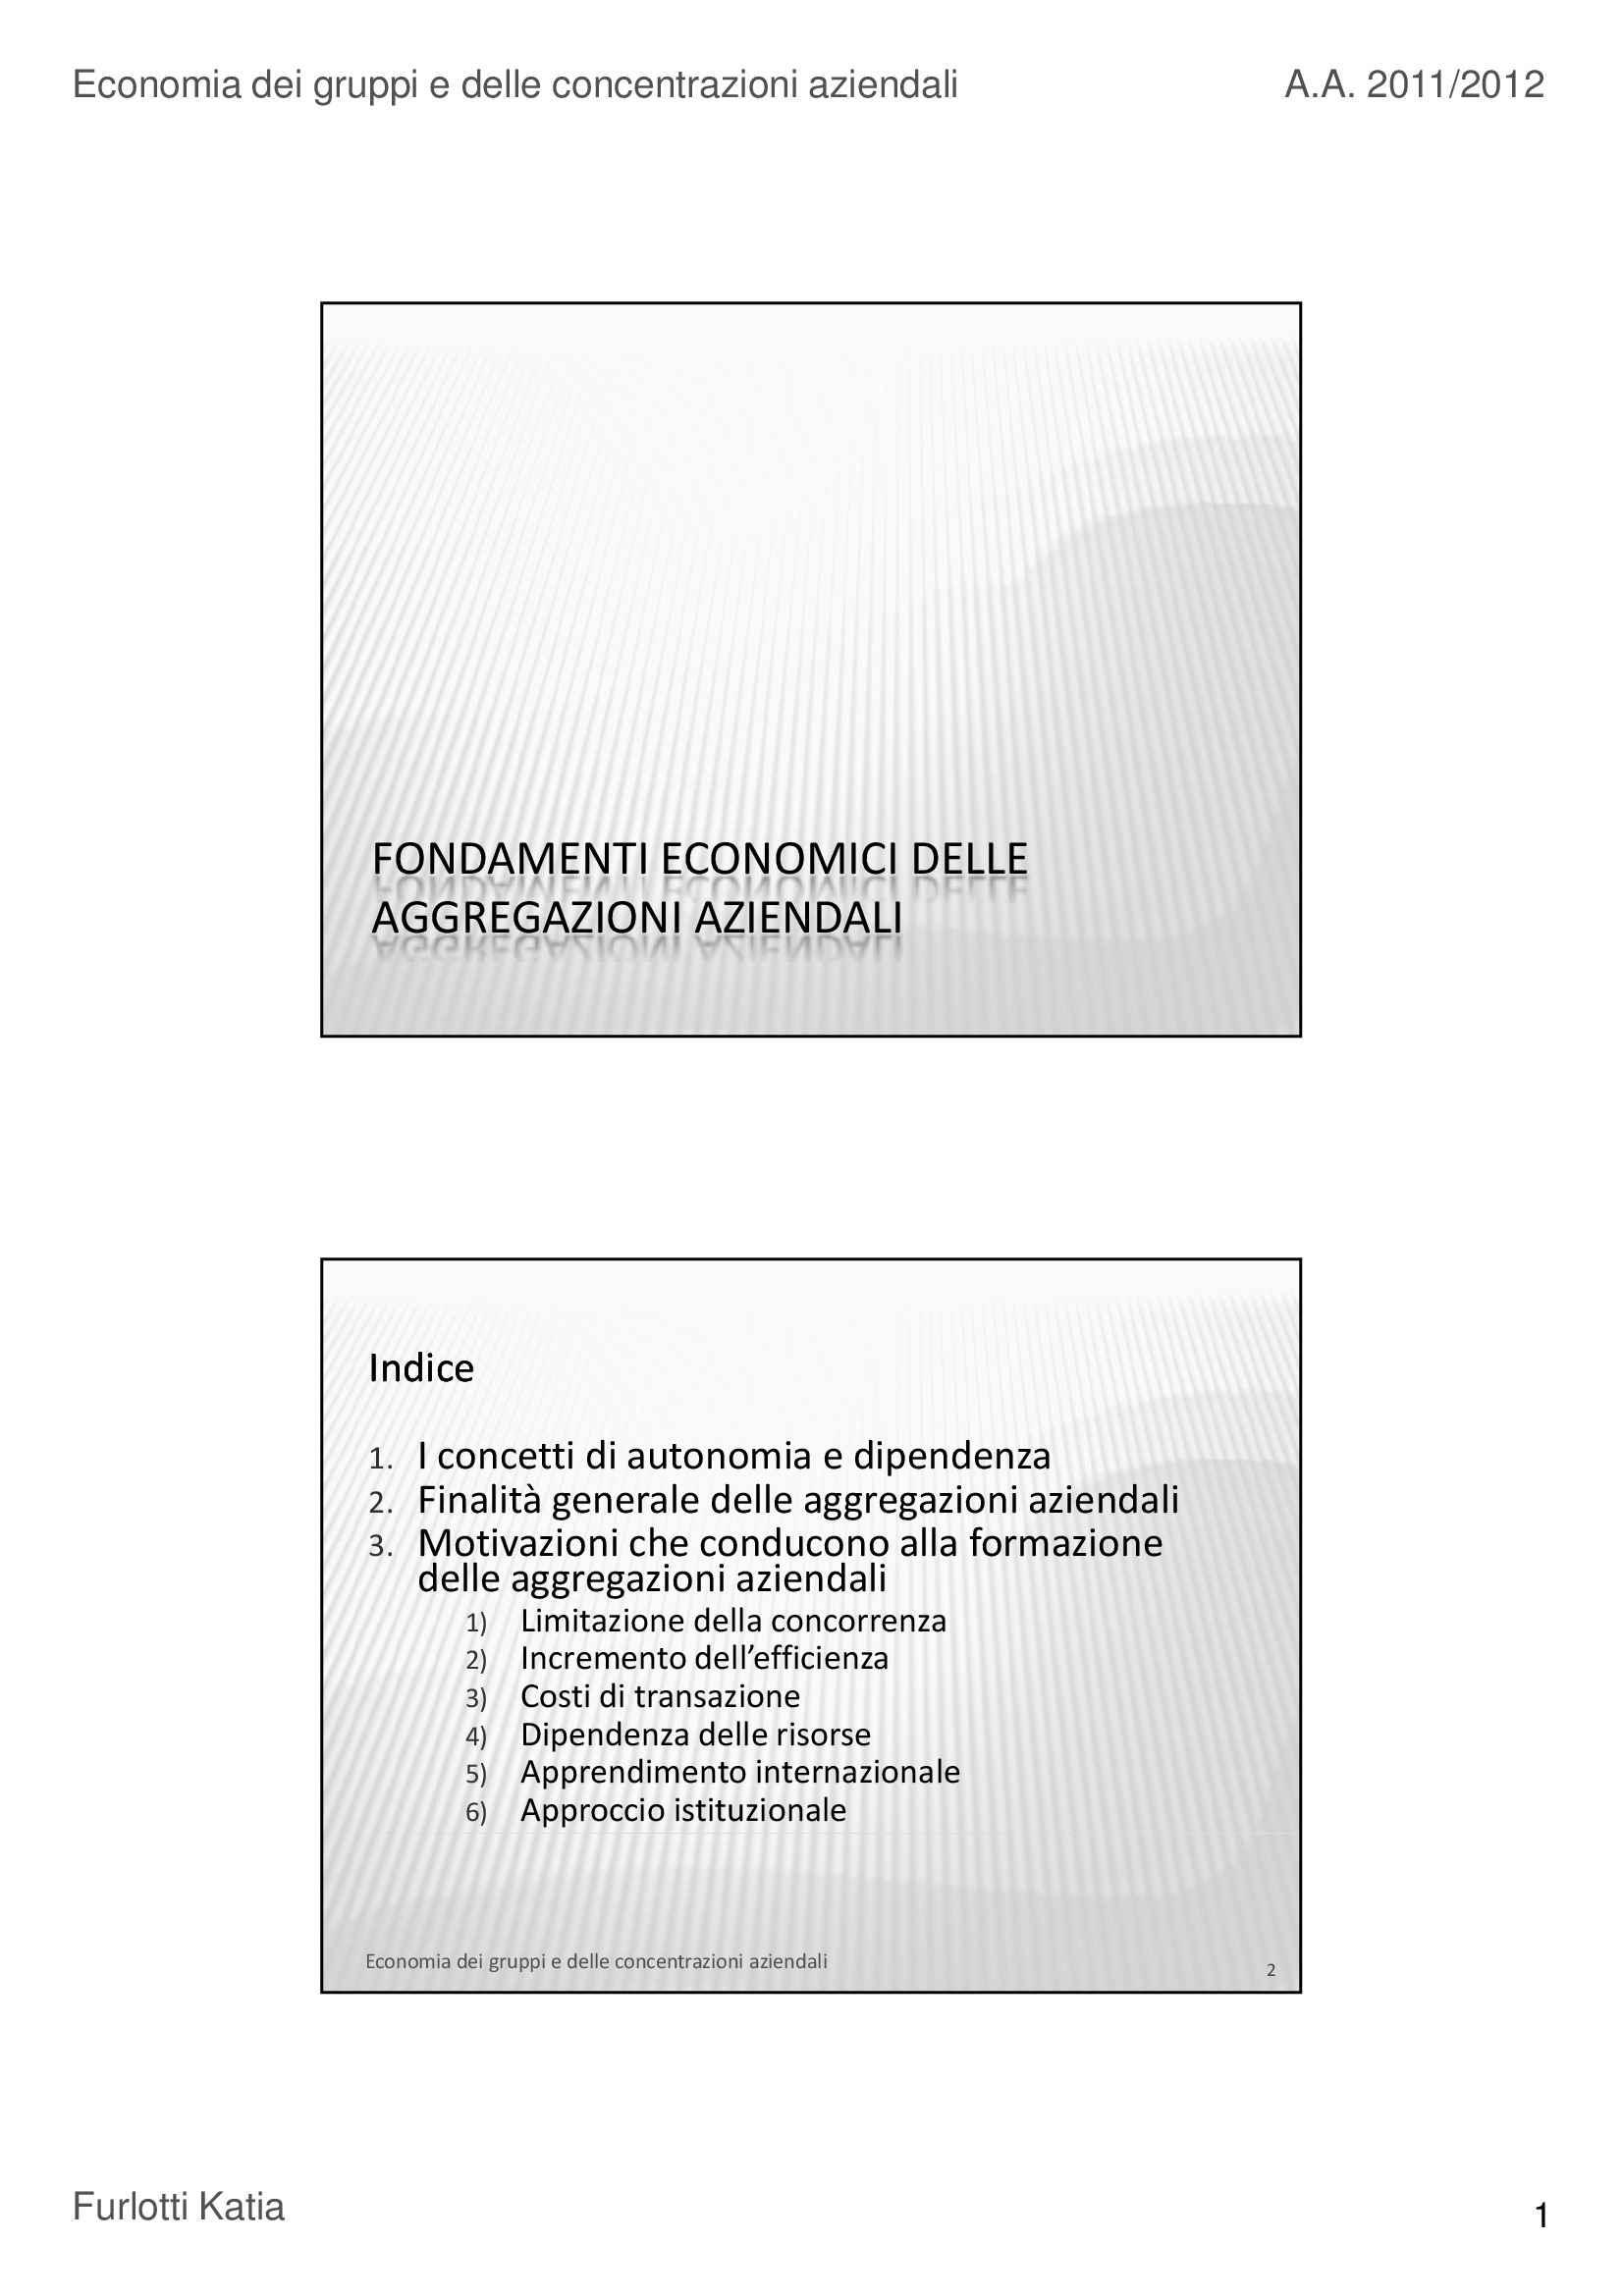 Aggregazioni aziendali - Fondamenti economici